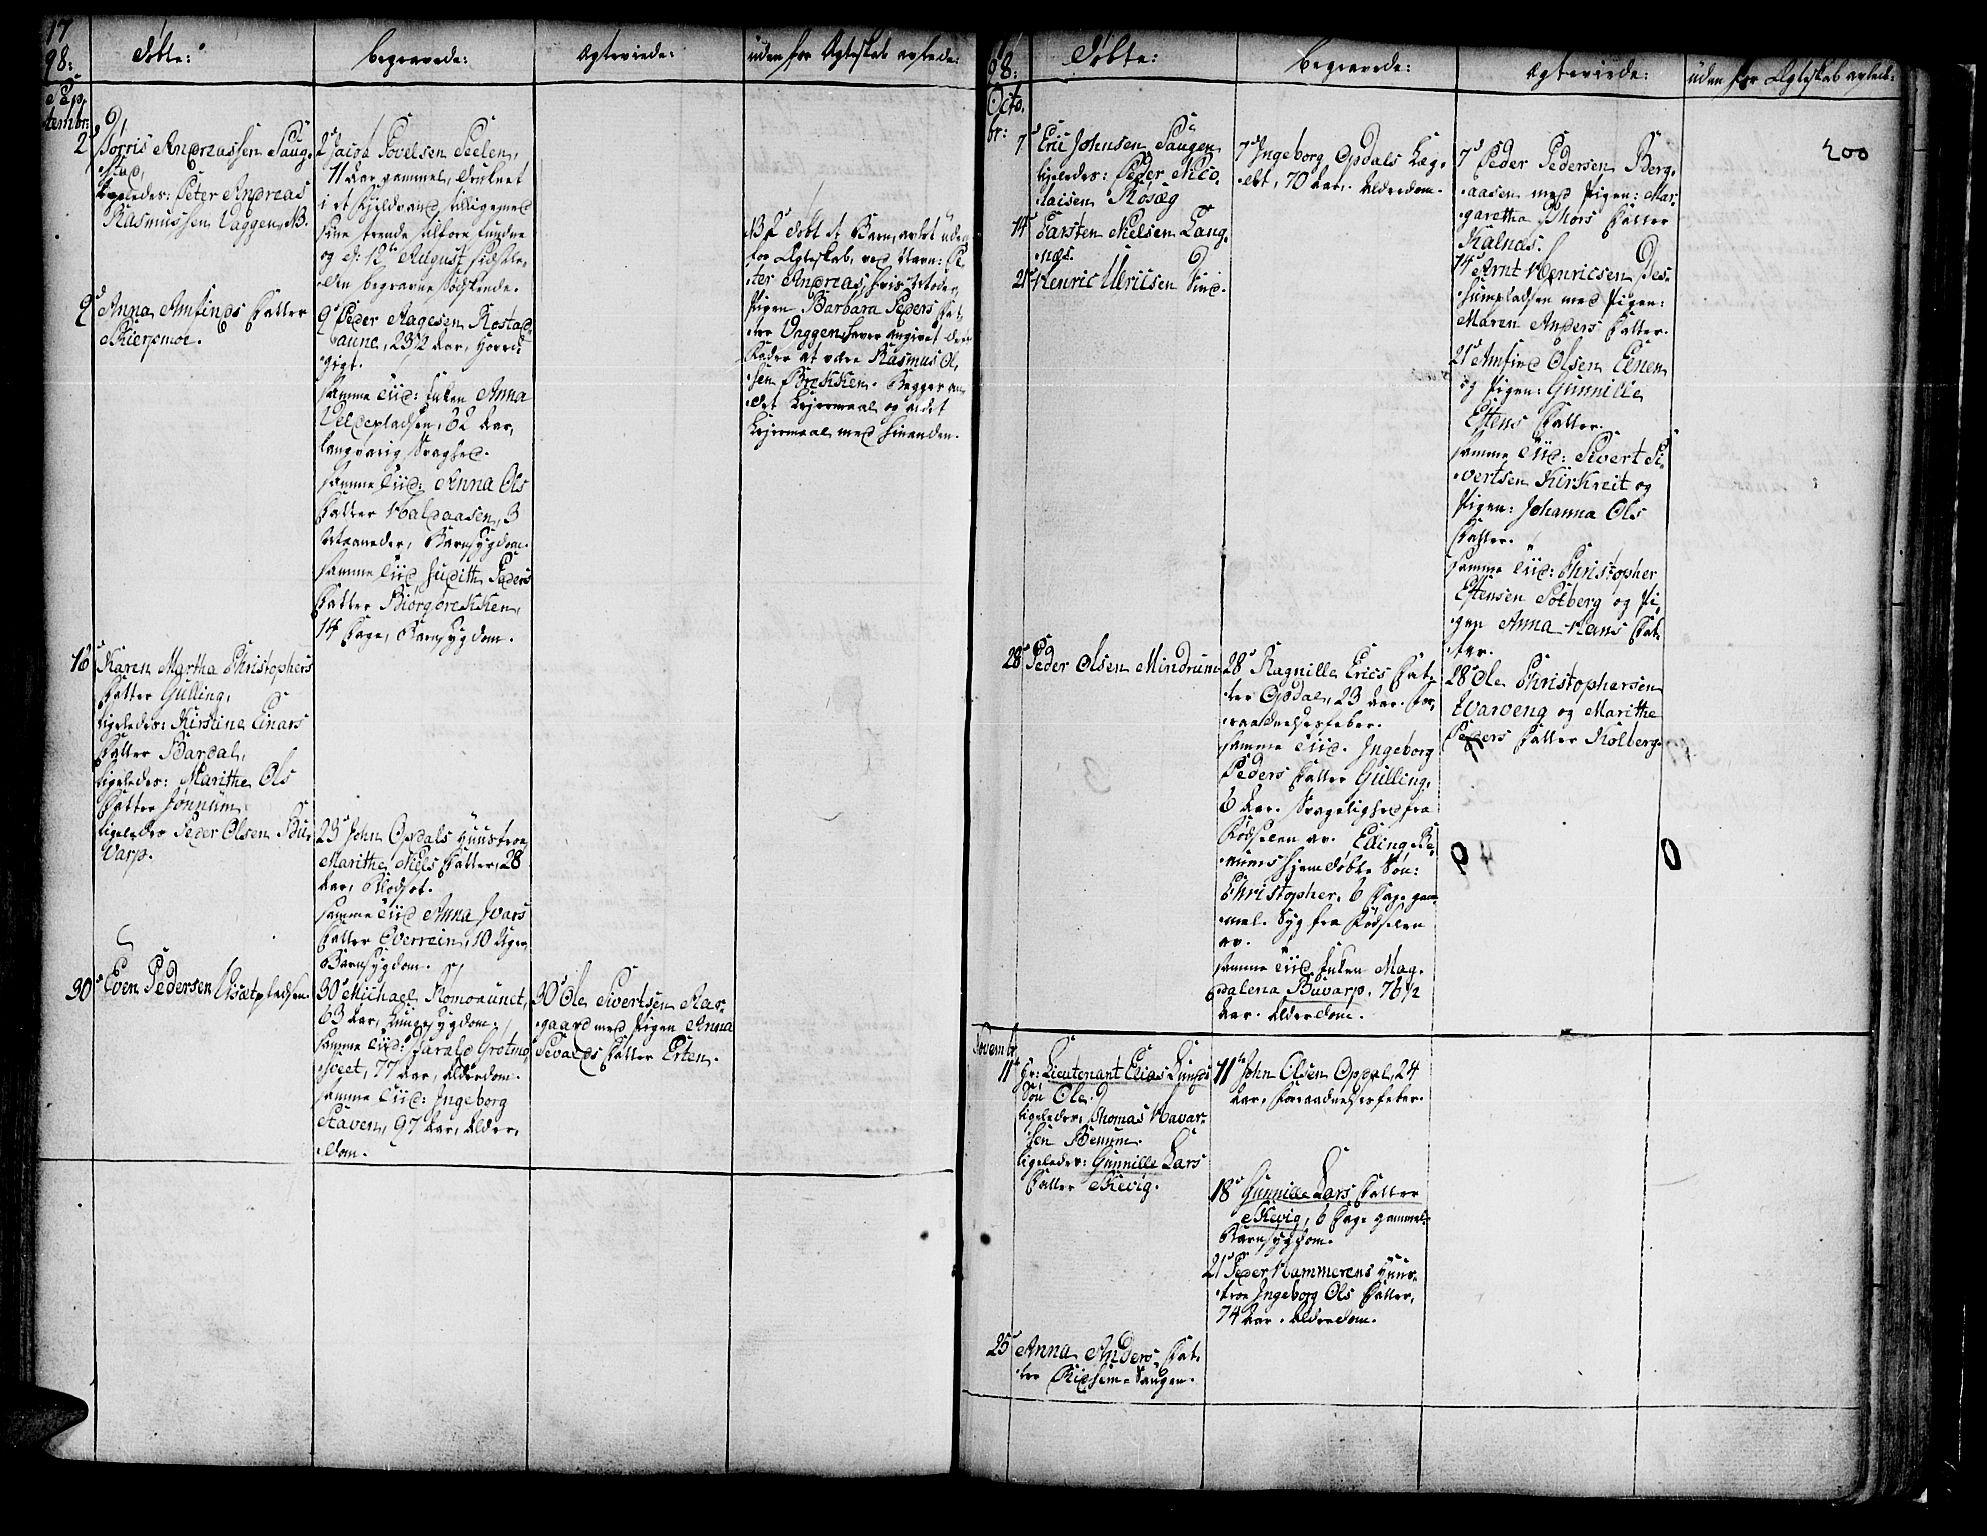 SAT, Ministerialprotokoller, klokkerbøker og fødselsregistre - Nord-Trøndelag, 741/L0385: Ministerialbok nr. 741A01, 1722-1815, s. 200